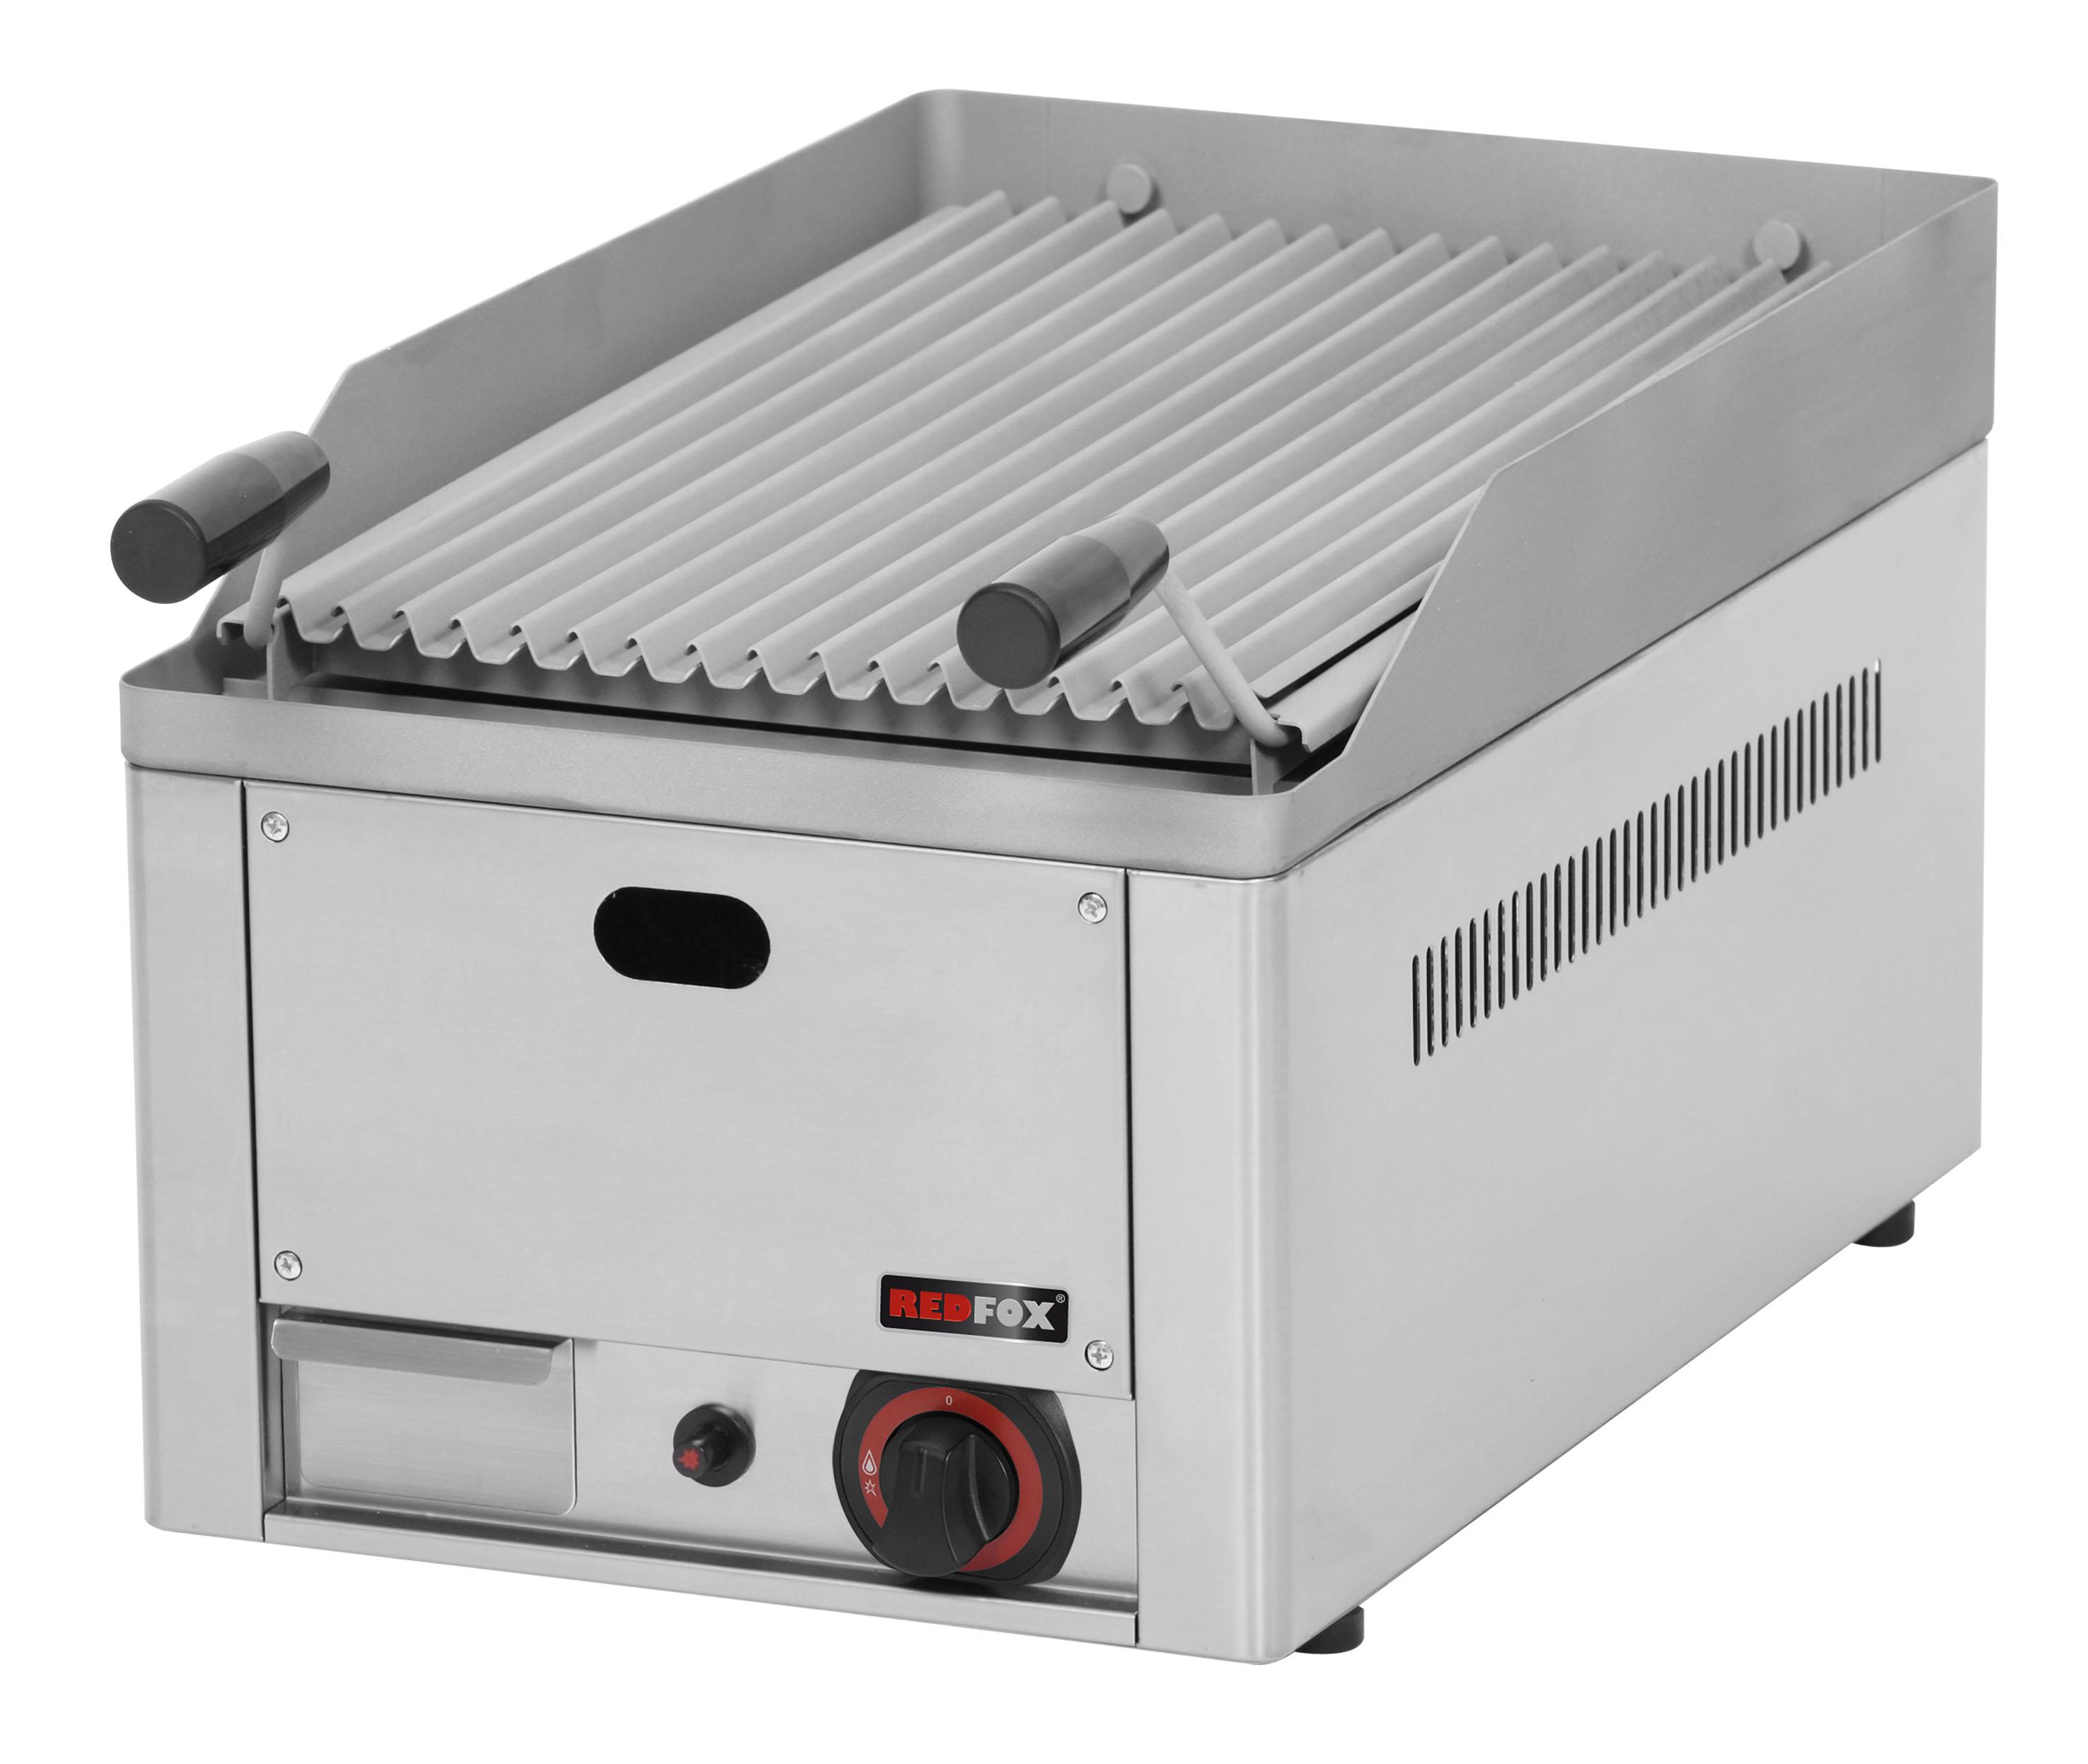 Gril lávový plynový GL 30 GS jednoduchý RedFox